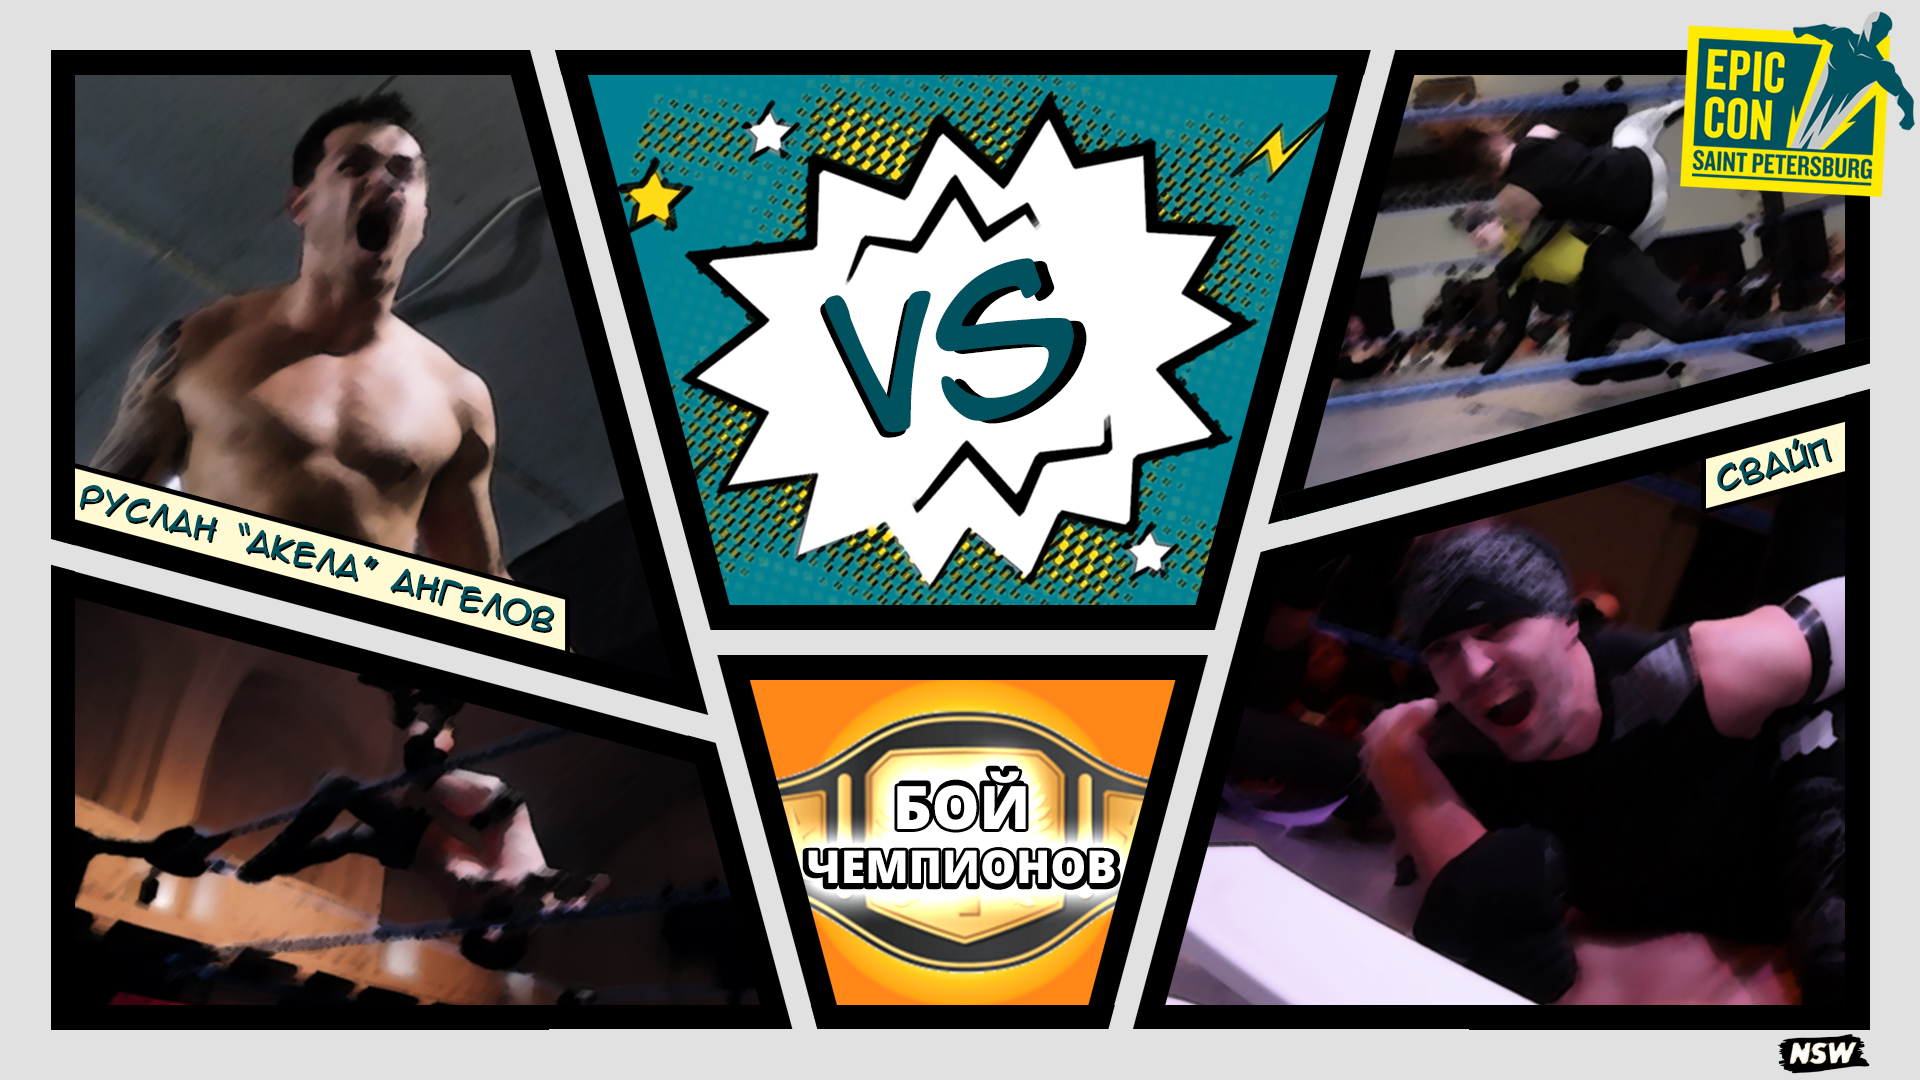 NSW Epic Con 2017: Свайп против Руслана 'Акелы' Ангелова